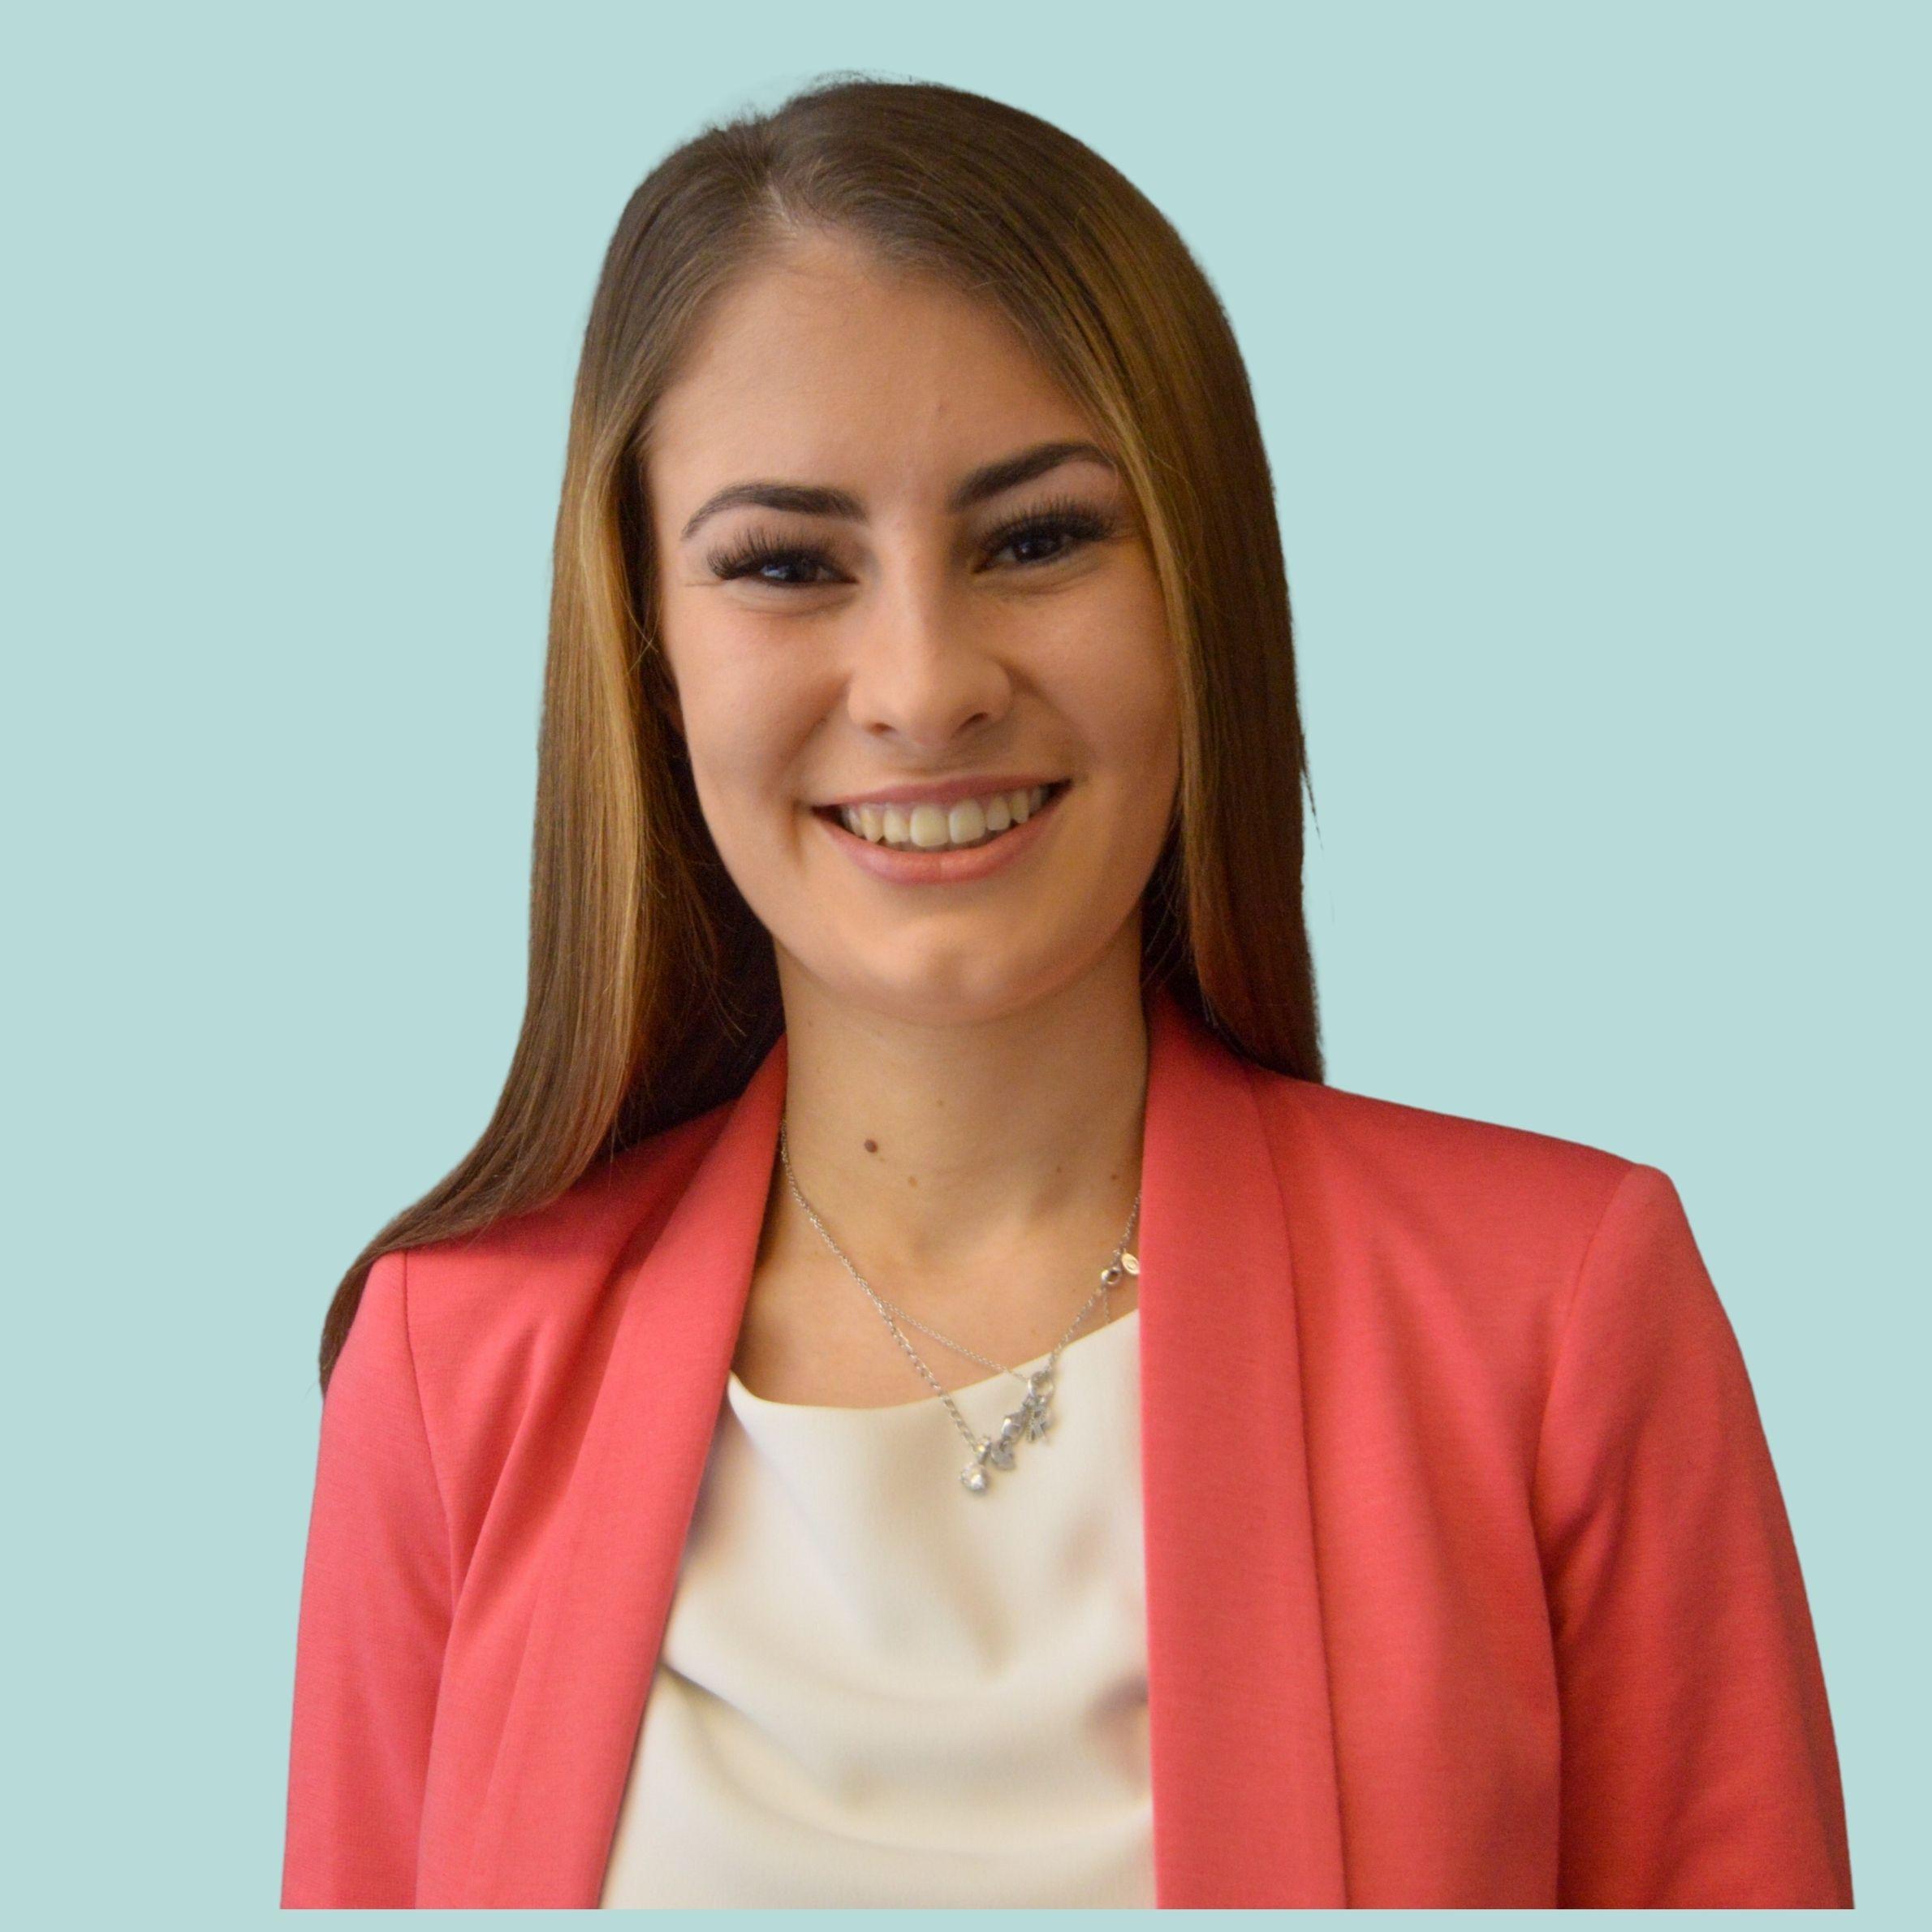 Rachel Trevithick